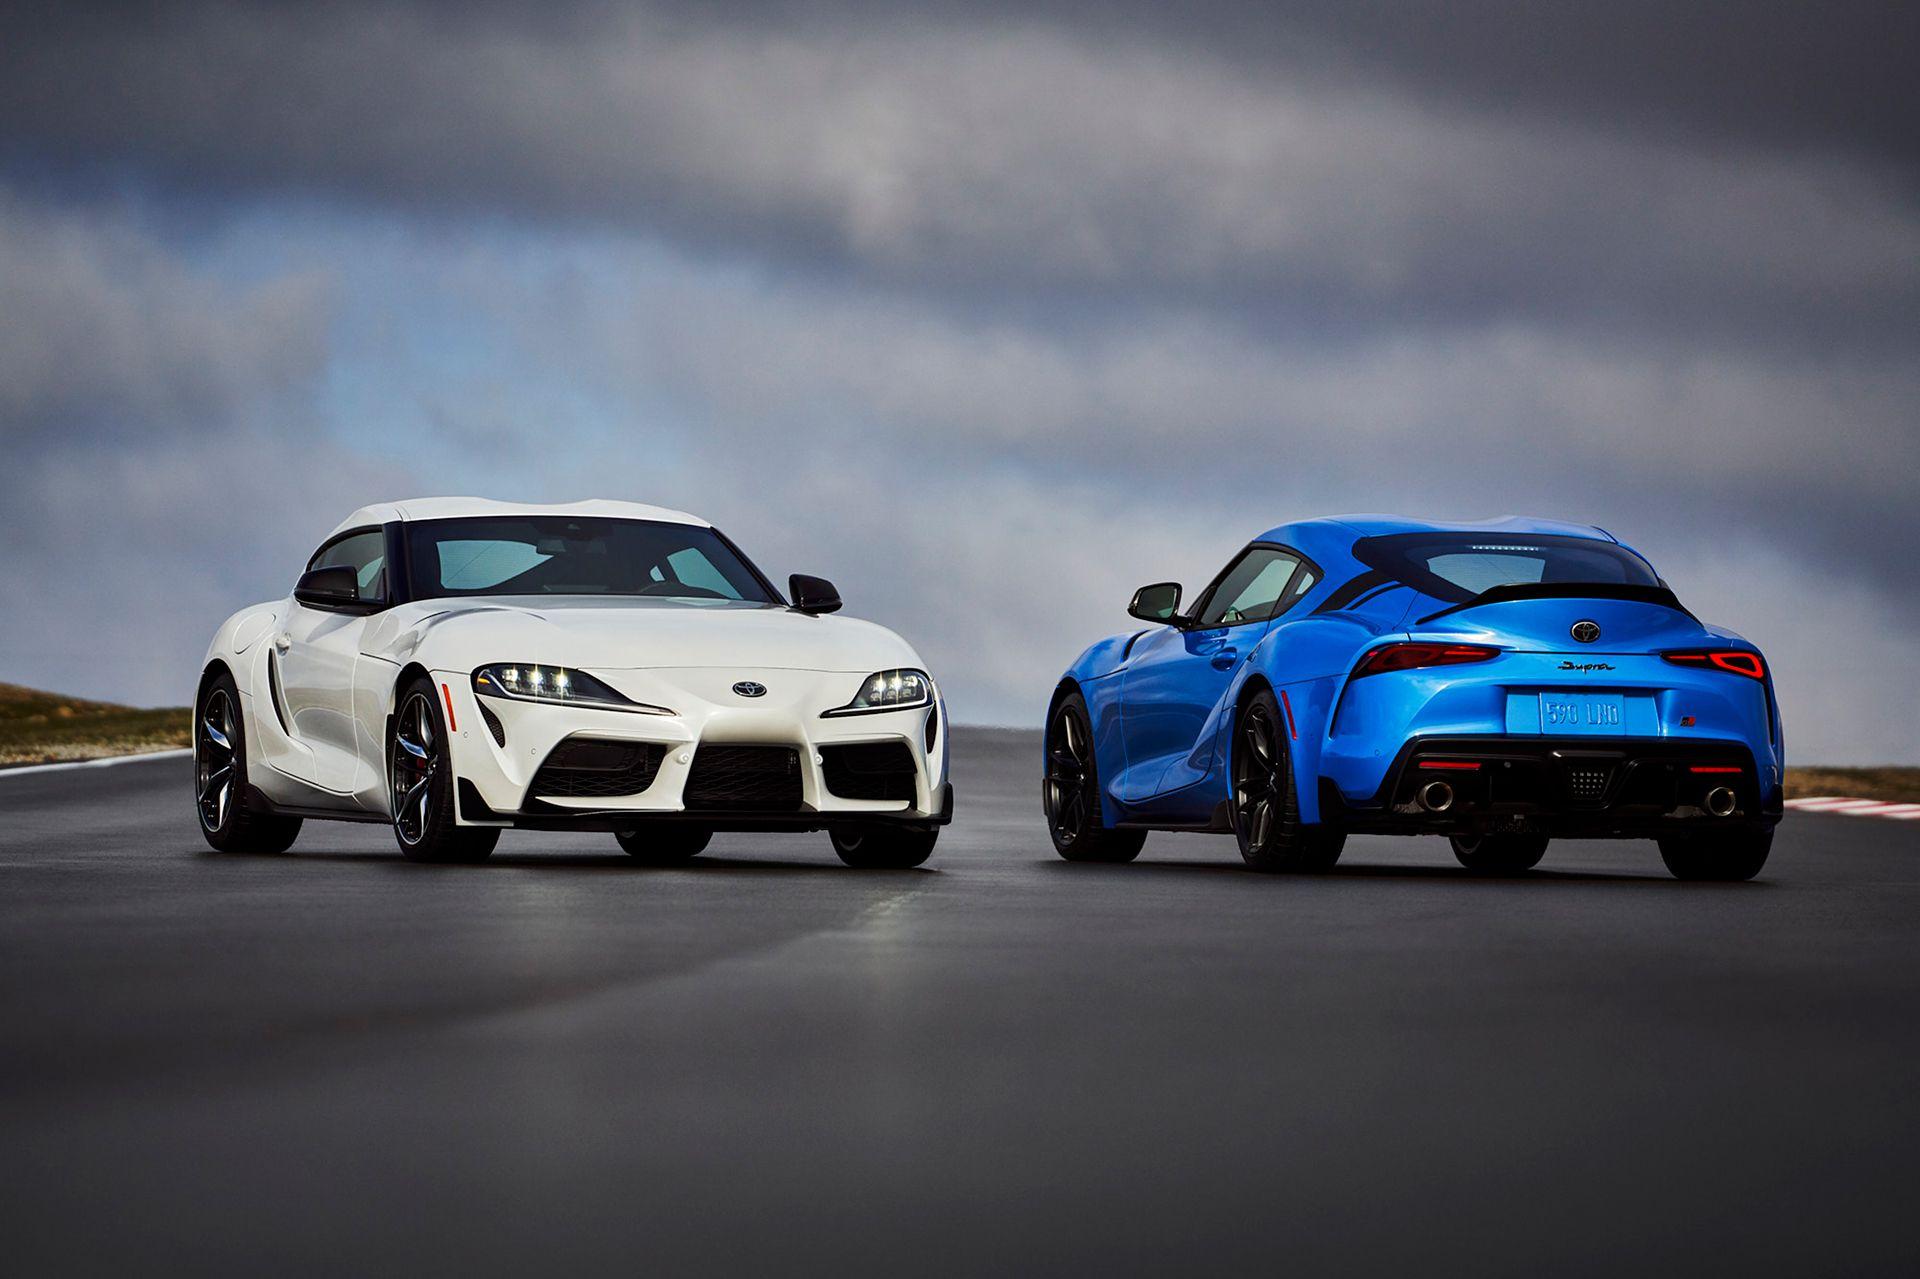 エンジンの最高出力は従来型比+14%、加速性能は-0.2秒!トヨタ「GRスープラ」が改良エンジンを搭載